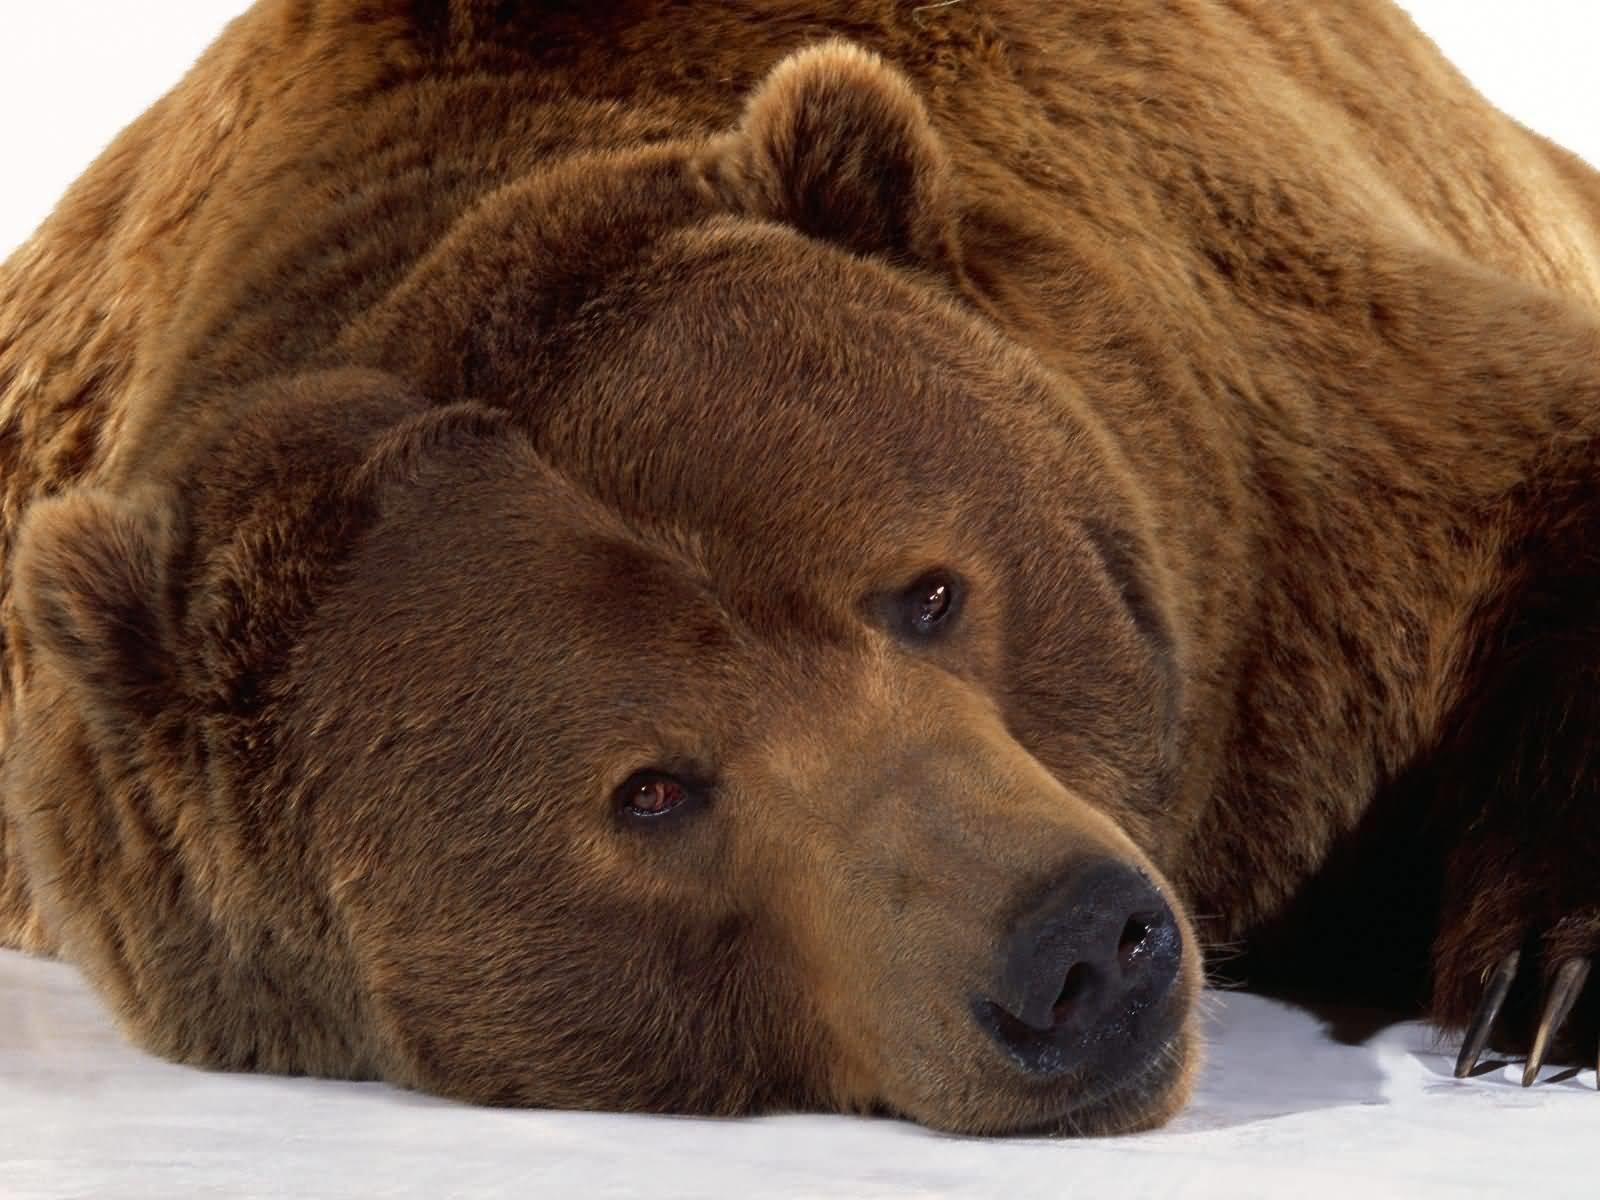 Imagenes de osos pardo